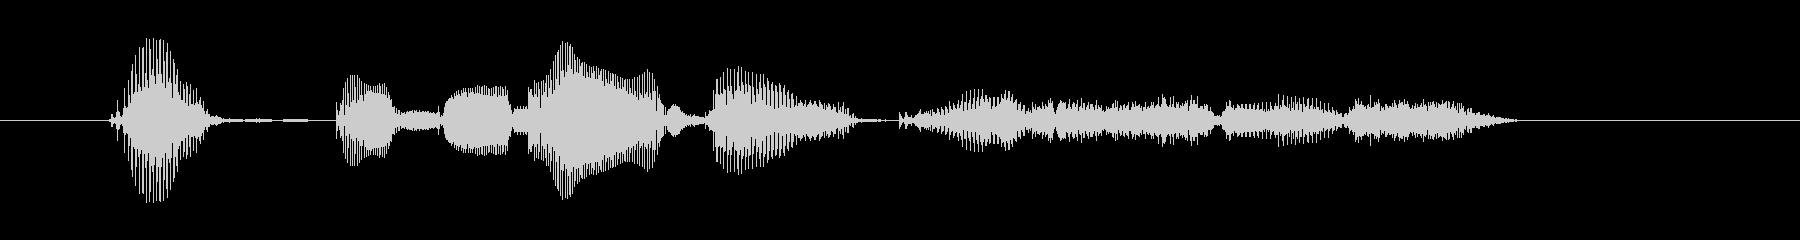 アップグレードを開始しますの未再生の波形